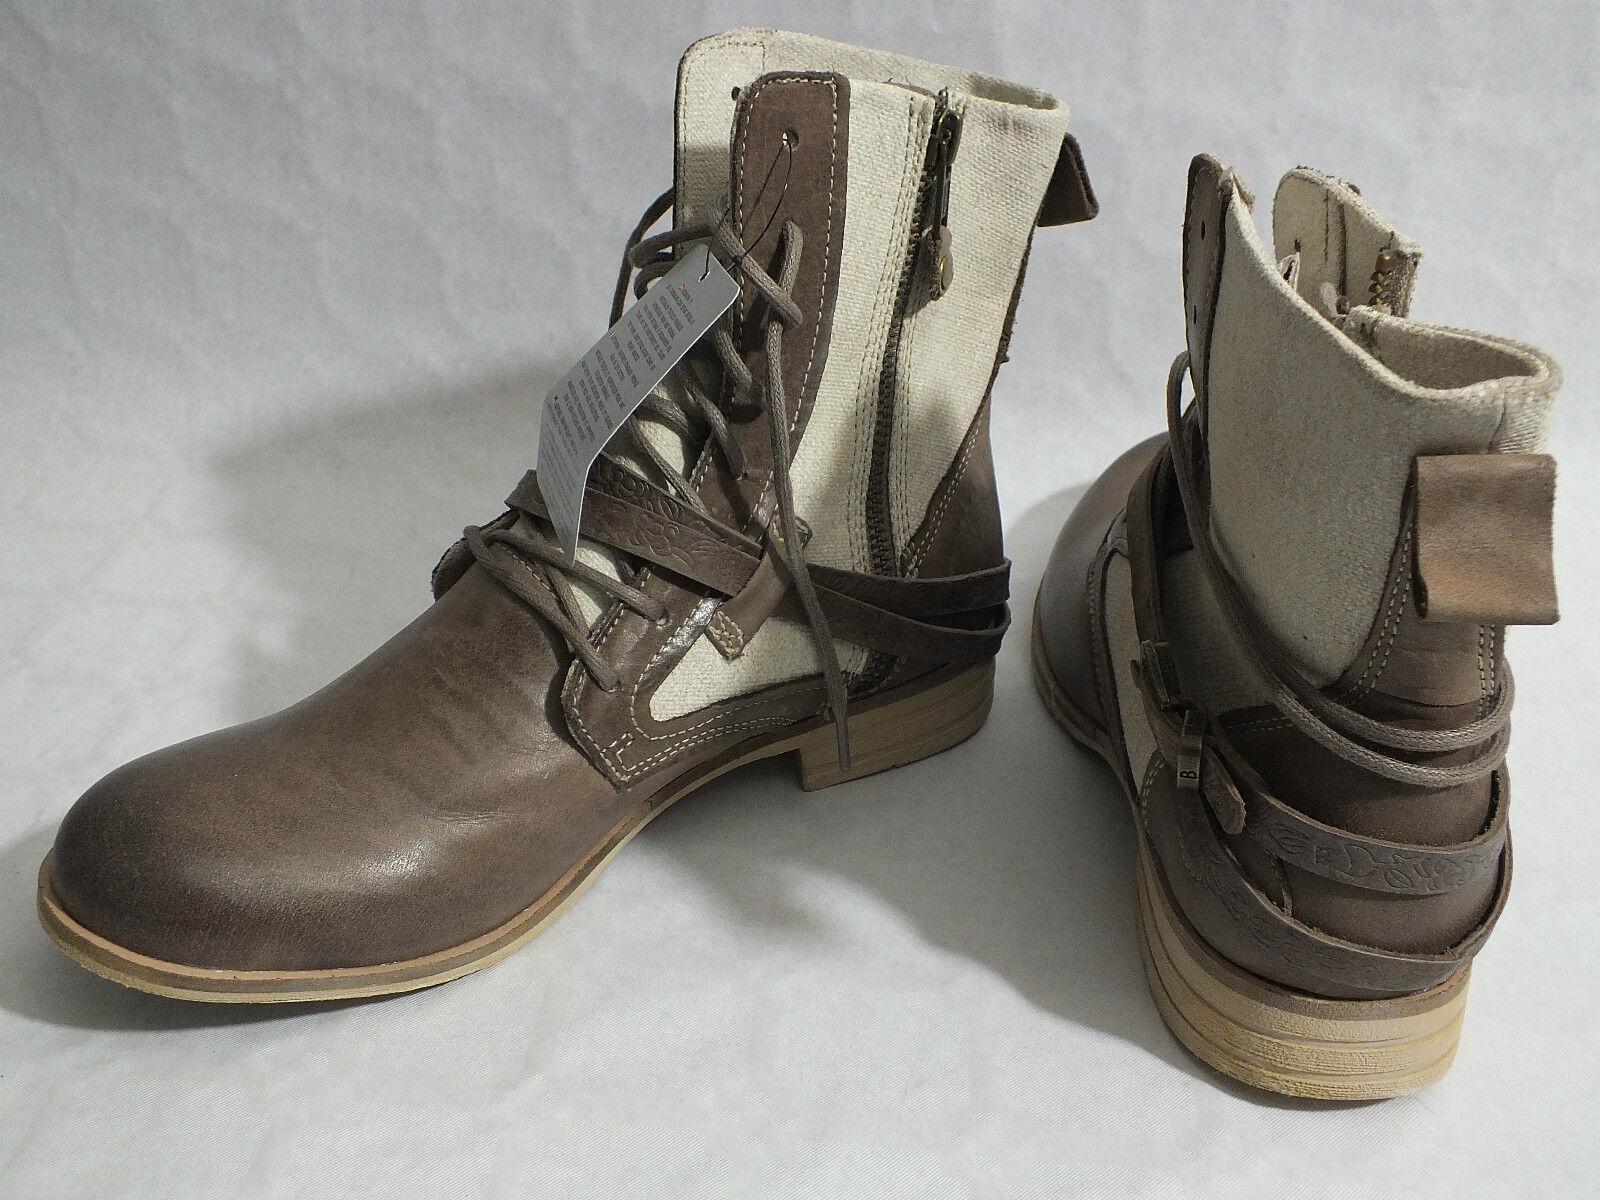 Zapatos de mujer baratos zapatos de mujer Botines botas bunker de cuero bunker botas + sustancia plana marrón claro Taupe b52383